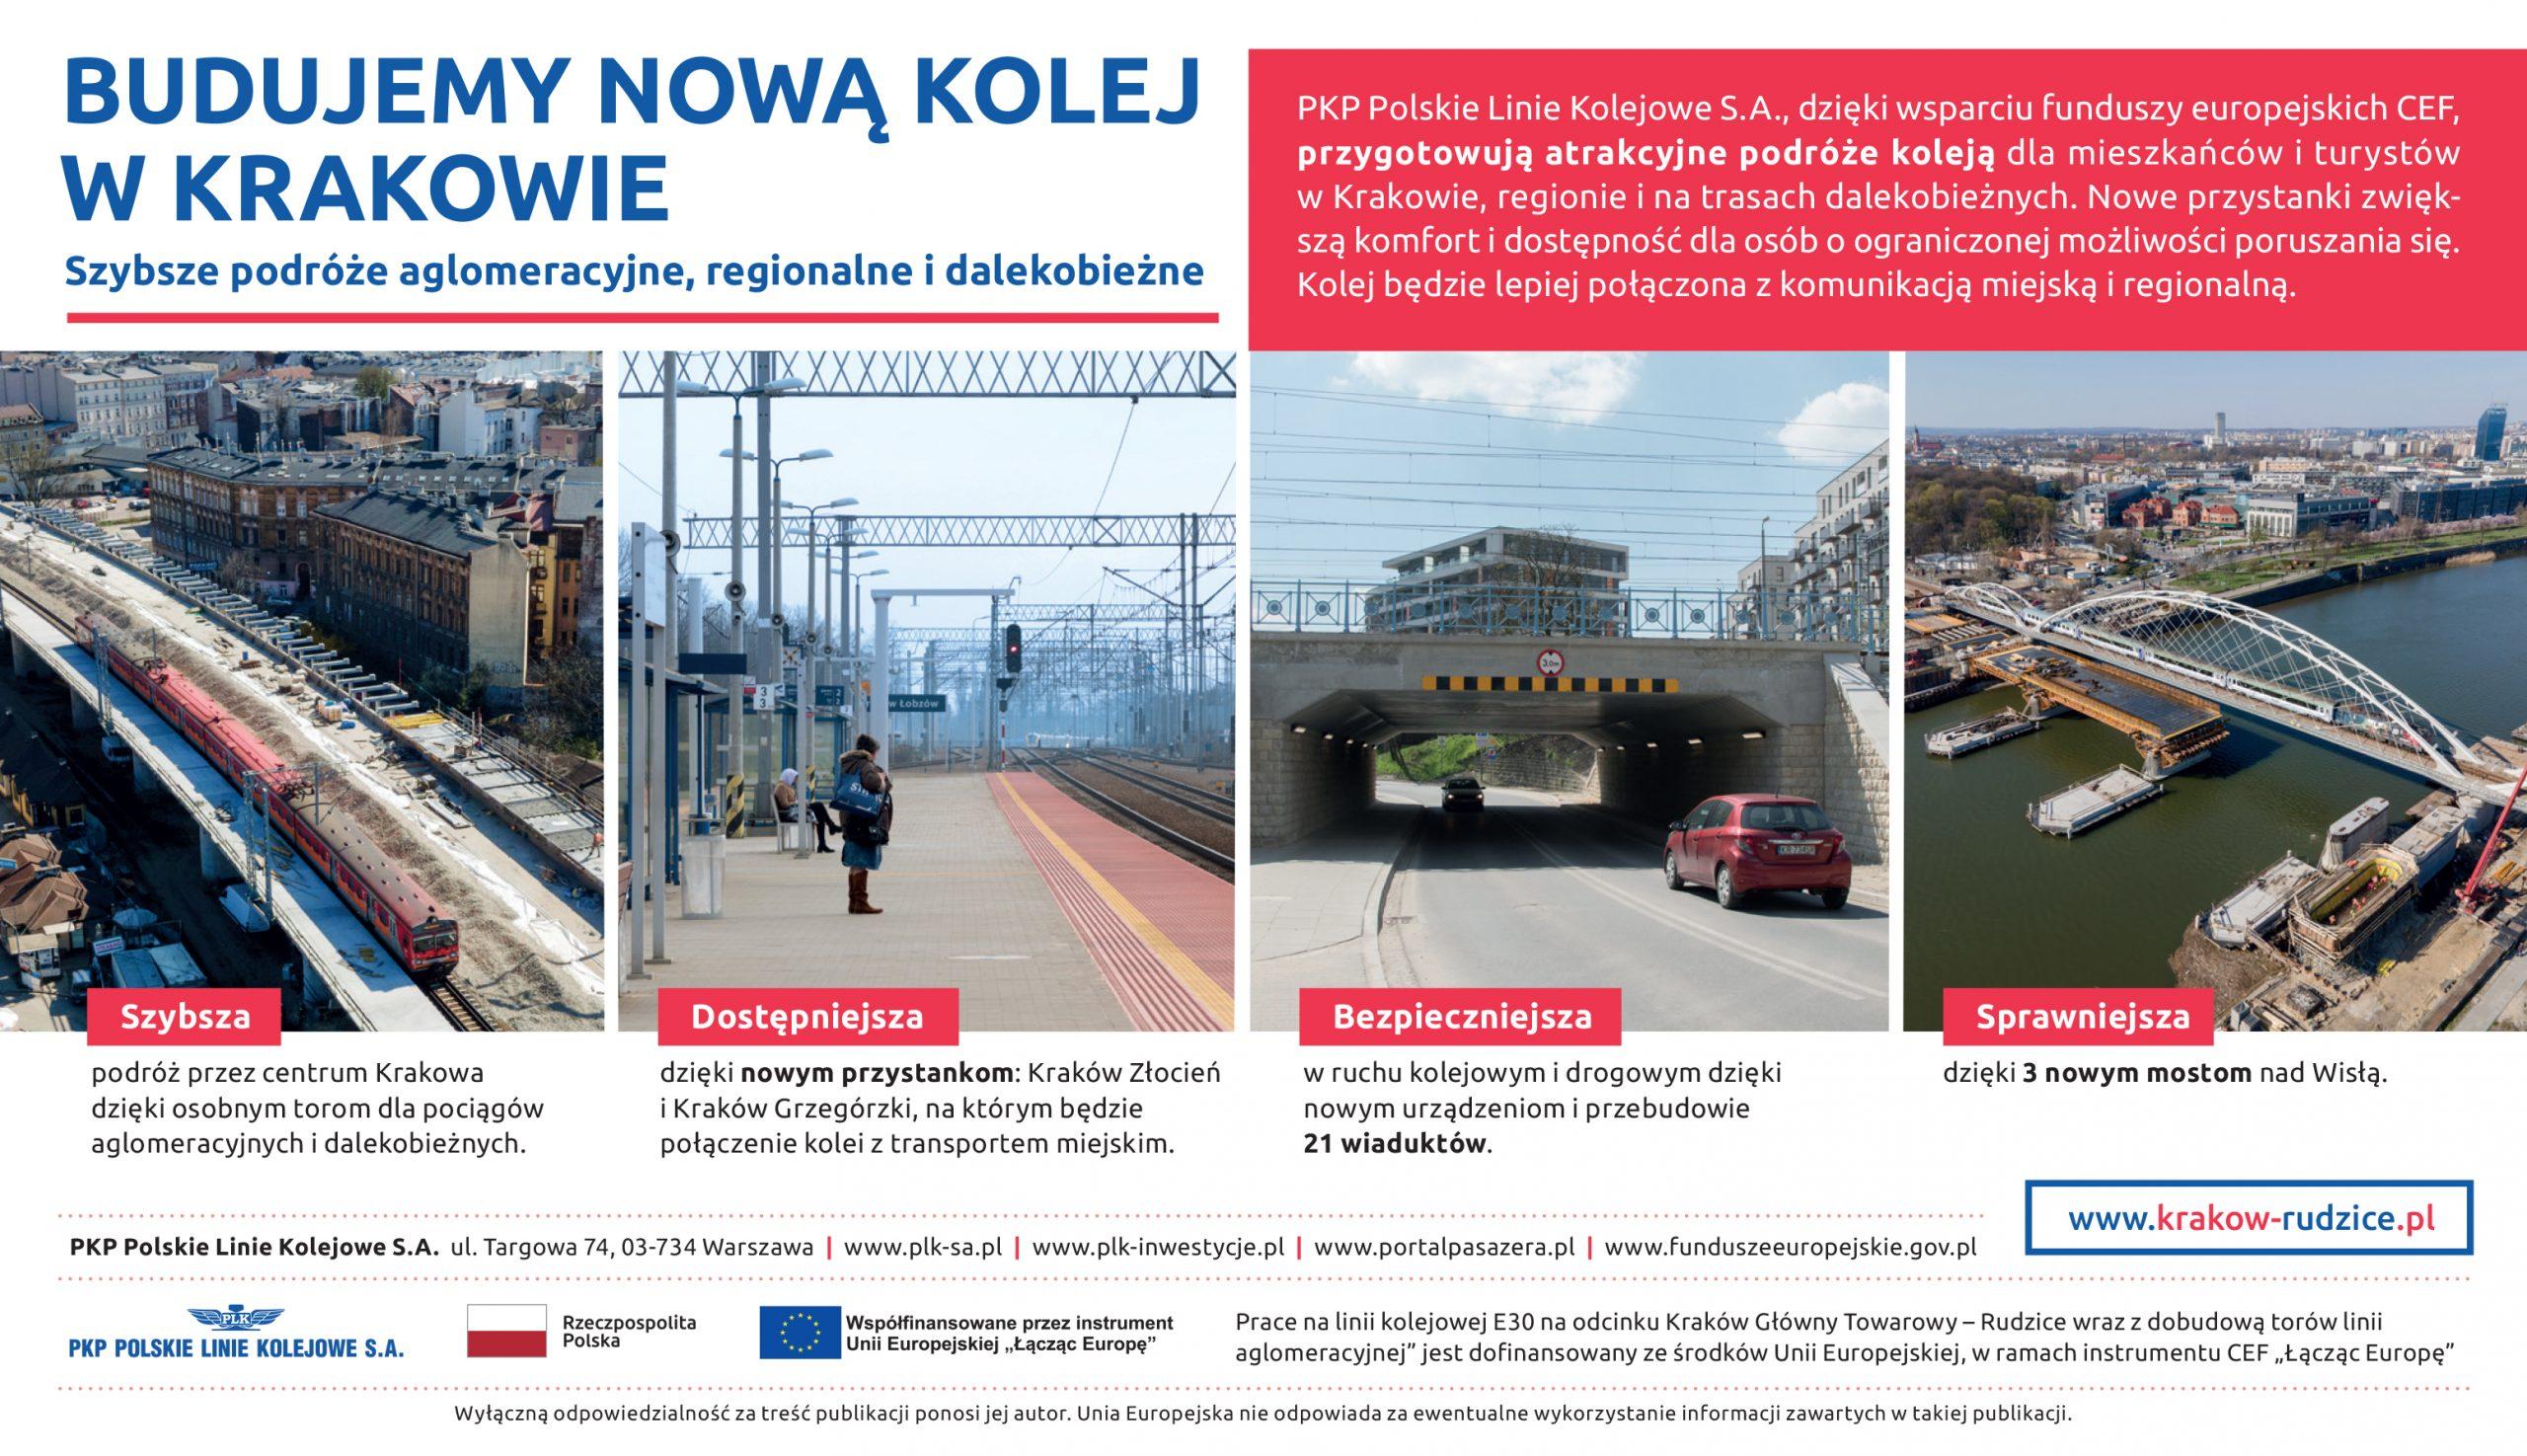 Budujemy nową kolej w Krakowie - infografika